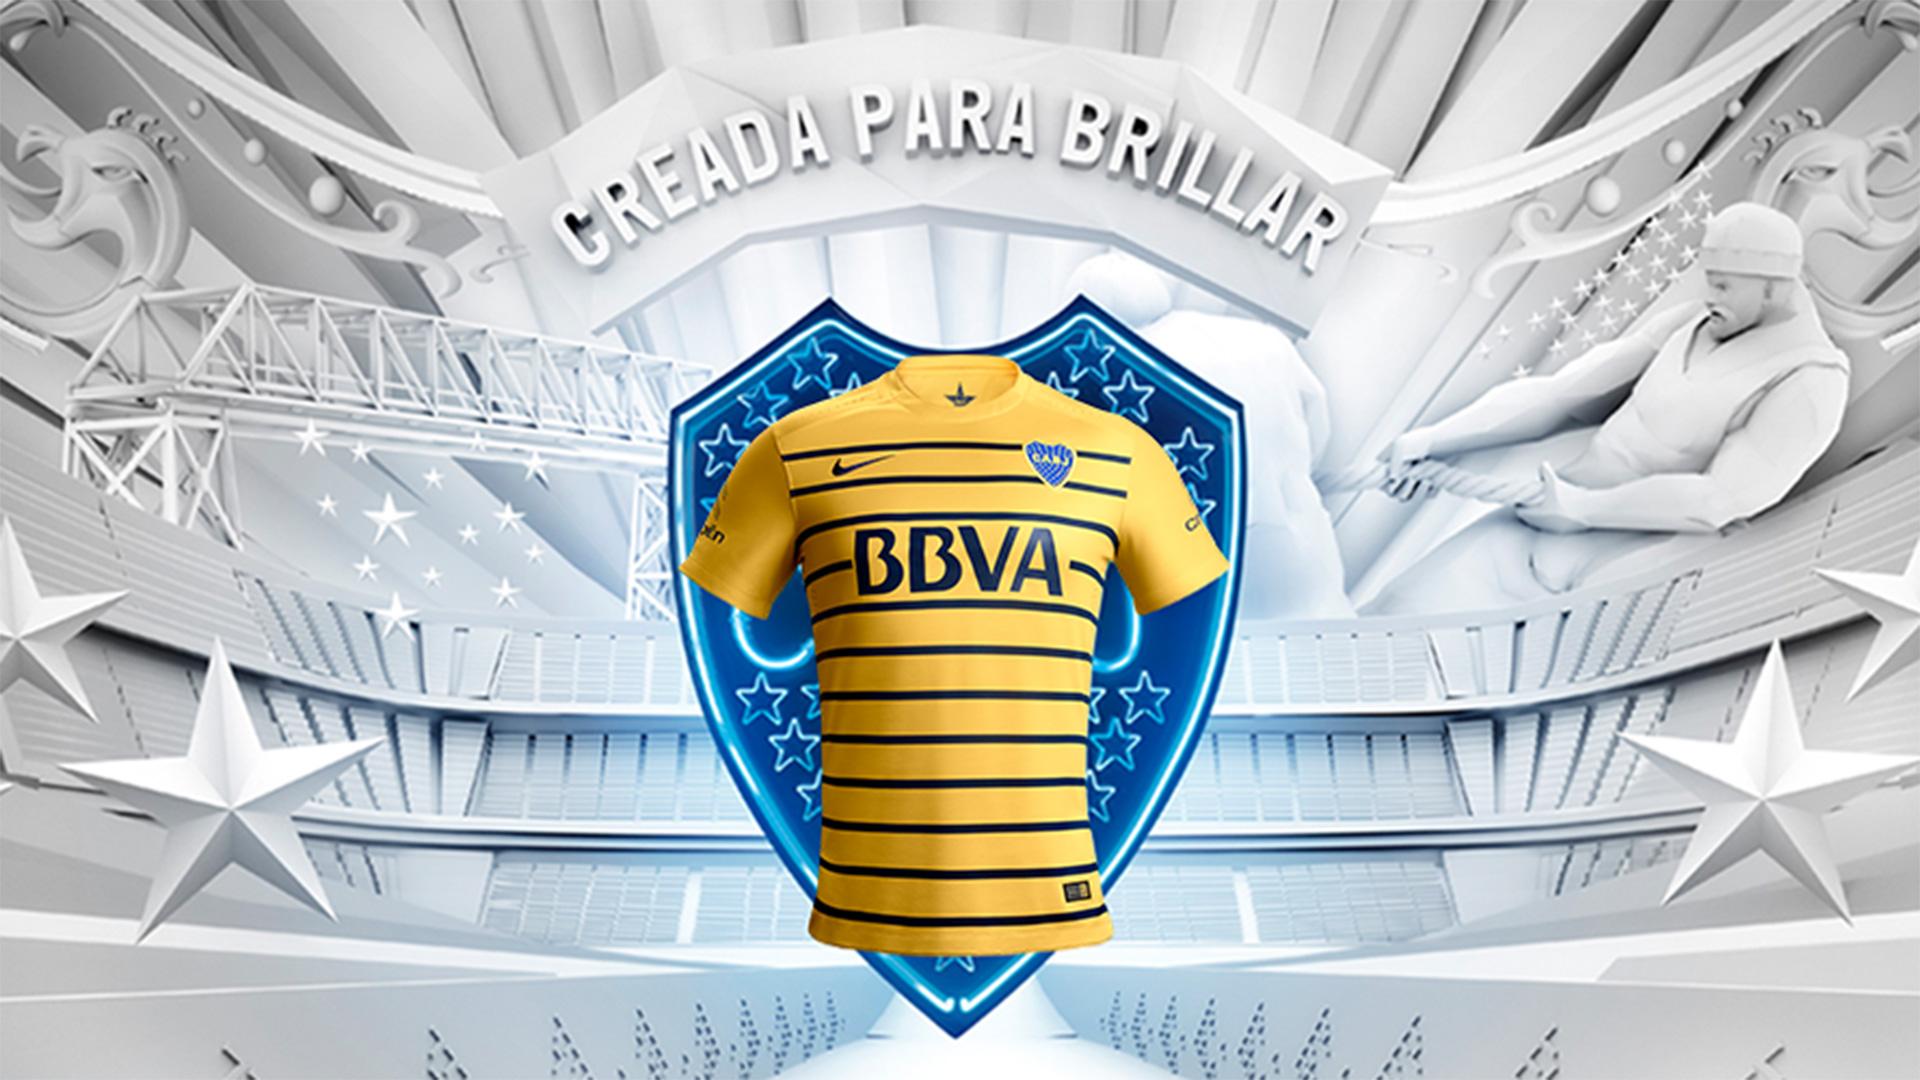 6e353f9a3a28c Camiseta Alternativa De Boca Telefe Noticias Youtube